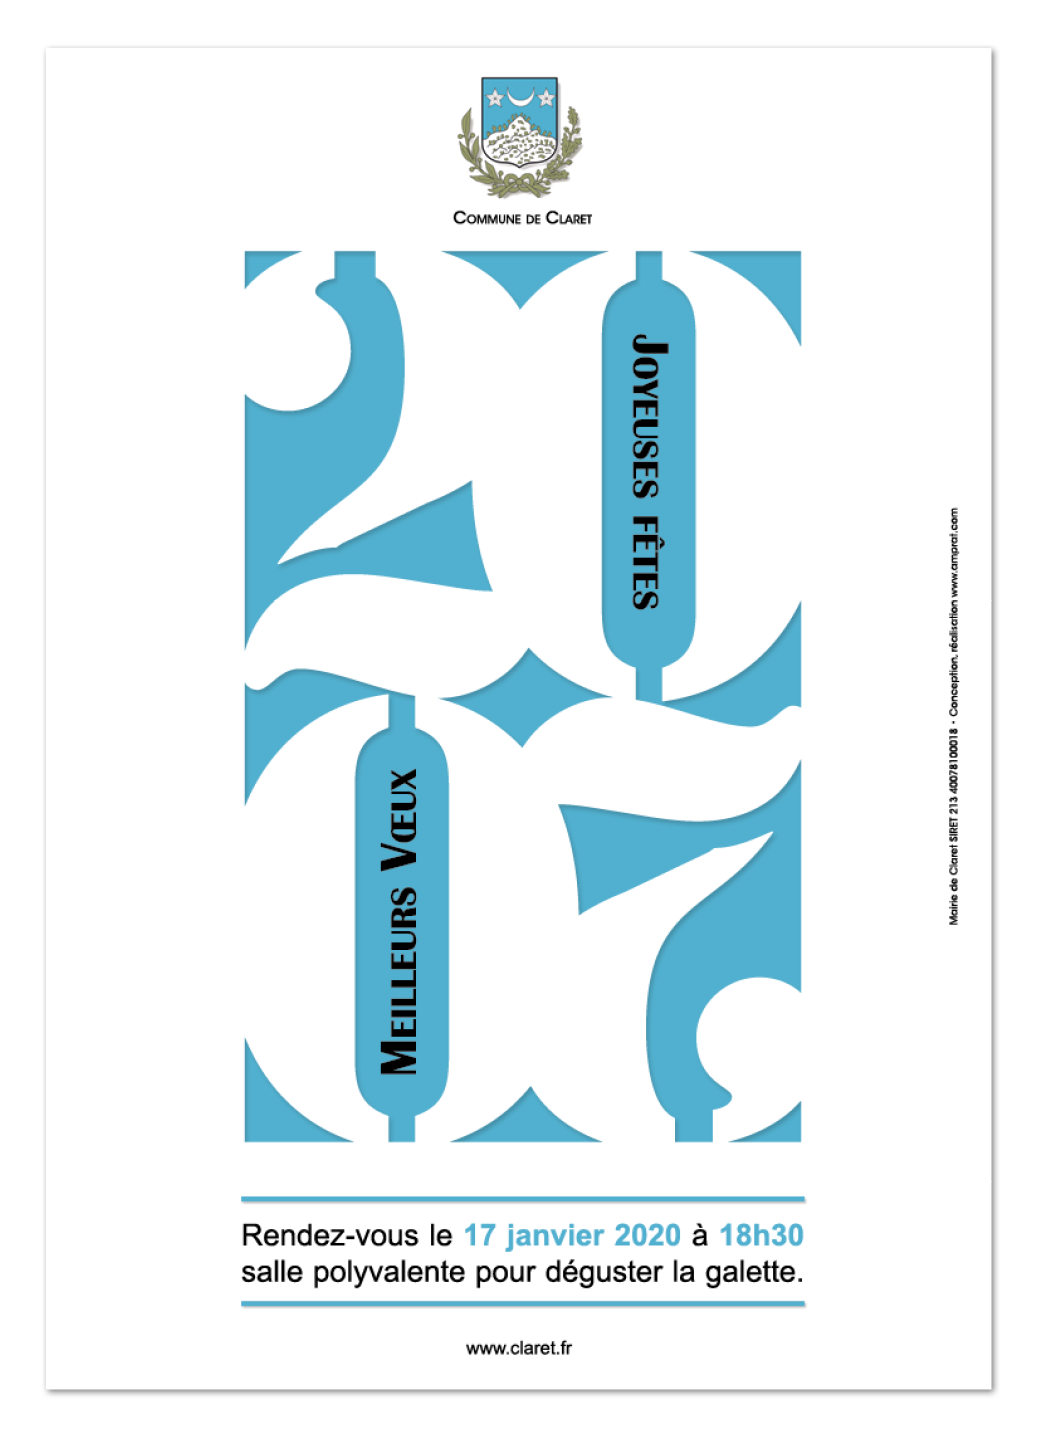 Vœux Claret 2020 ∙ Anne-Marie Prat ∙ Design graphique et web